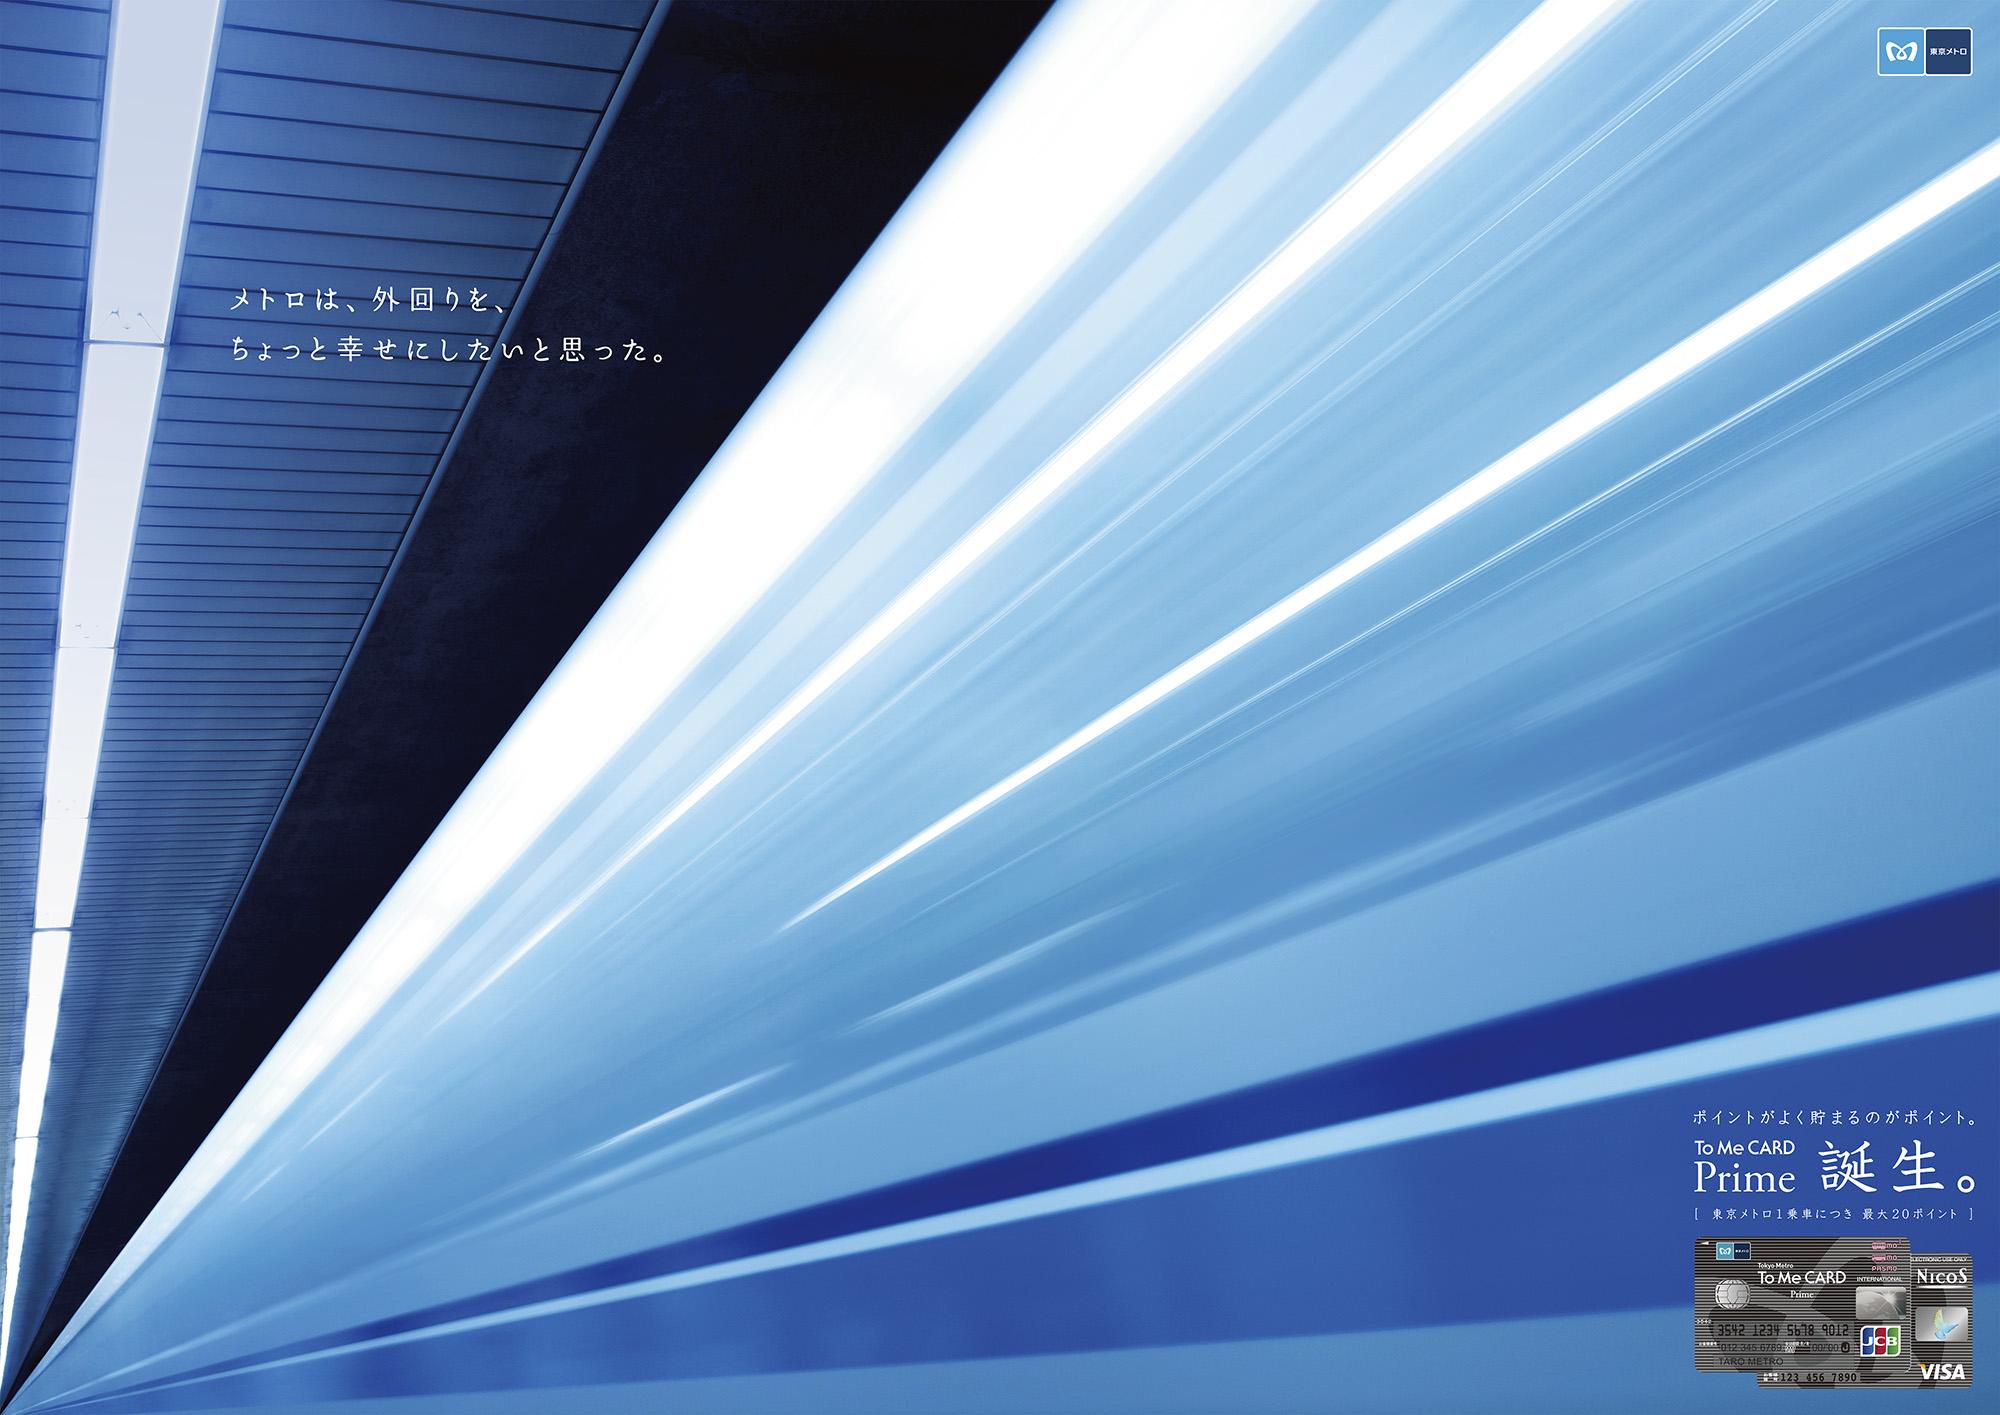 57メトロ_02_2000px_72dpi.jpg